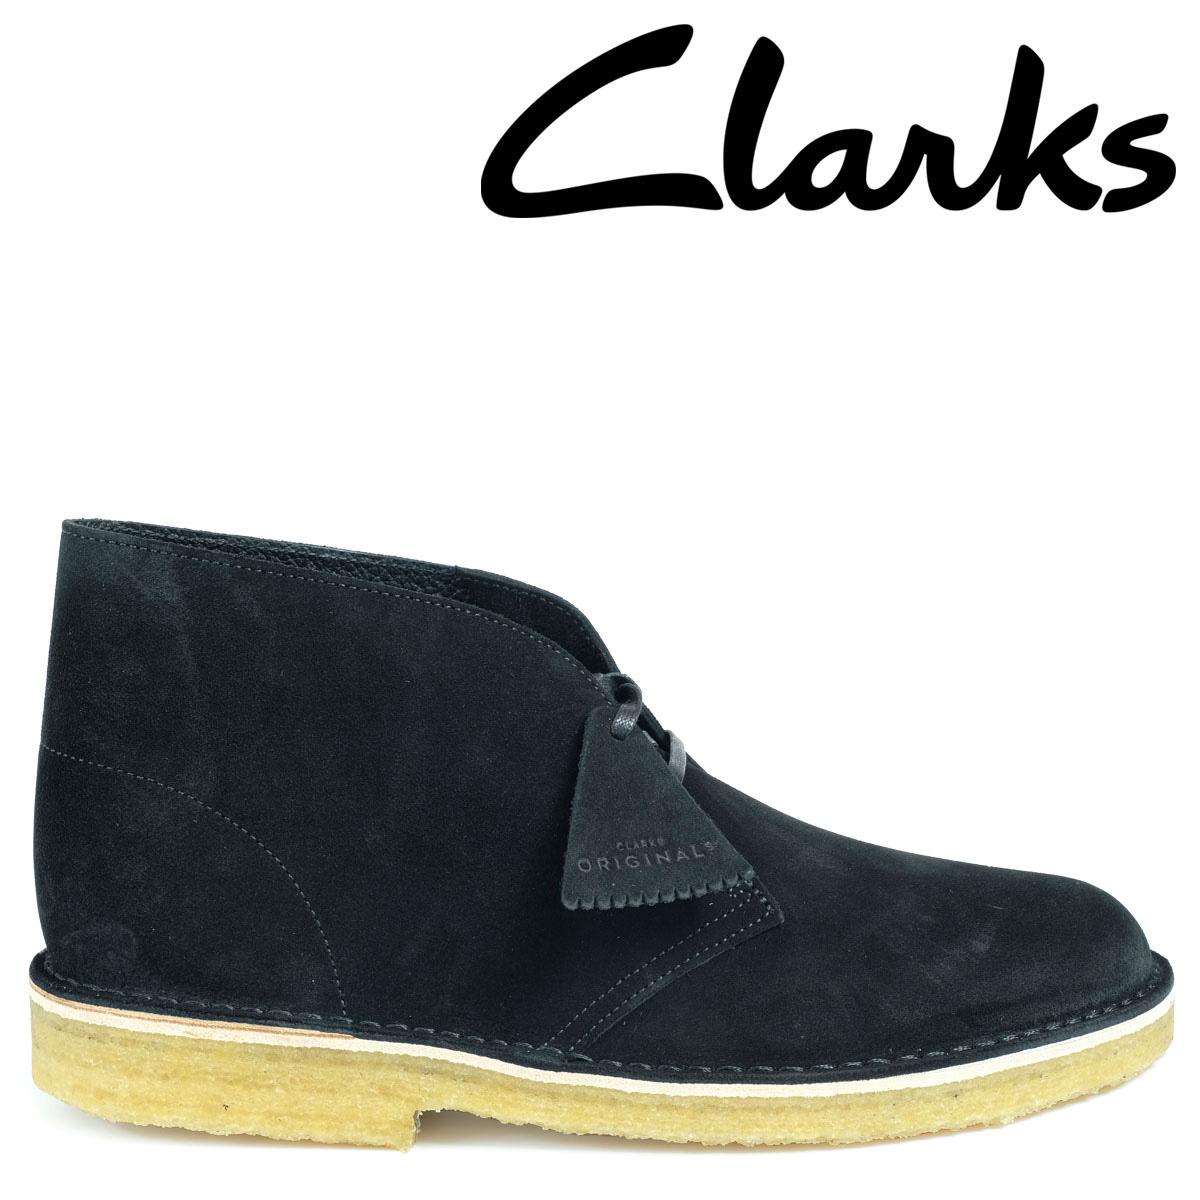 Clarks デザートブーツ メンズ クラークス DESERT BOOT 26128537 レザー 靴 ブラック 黒